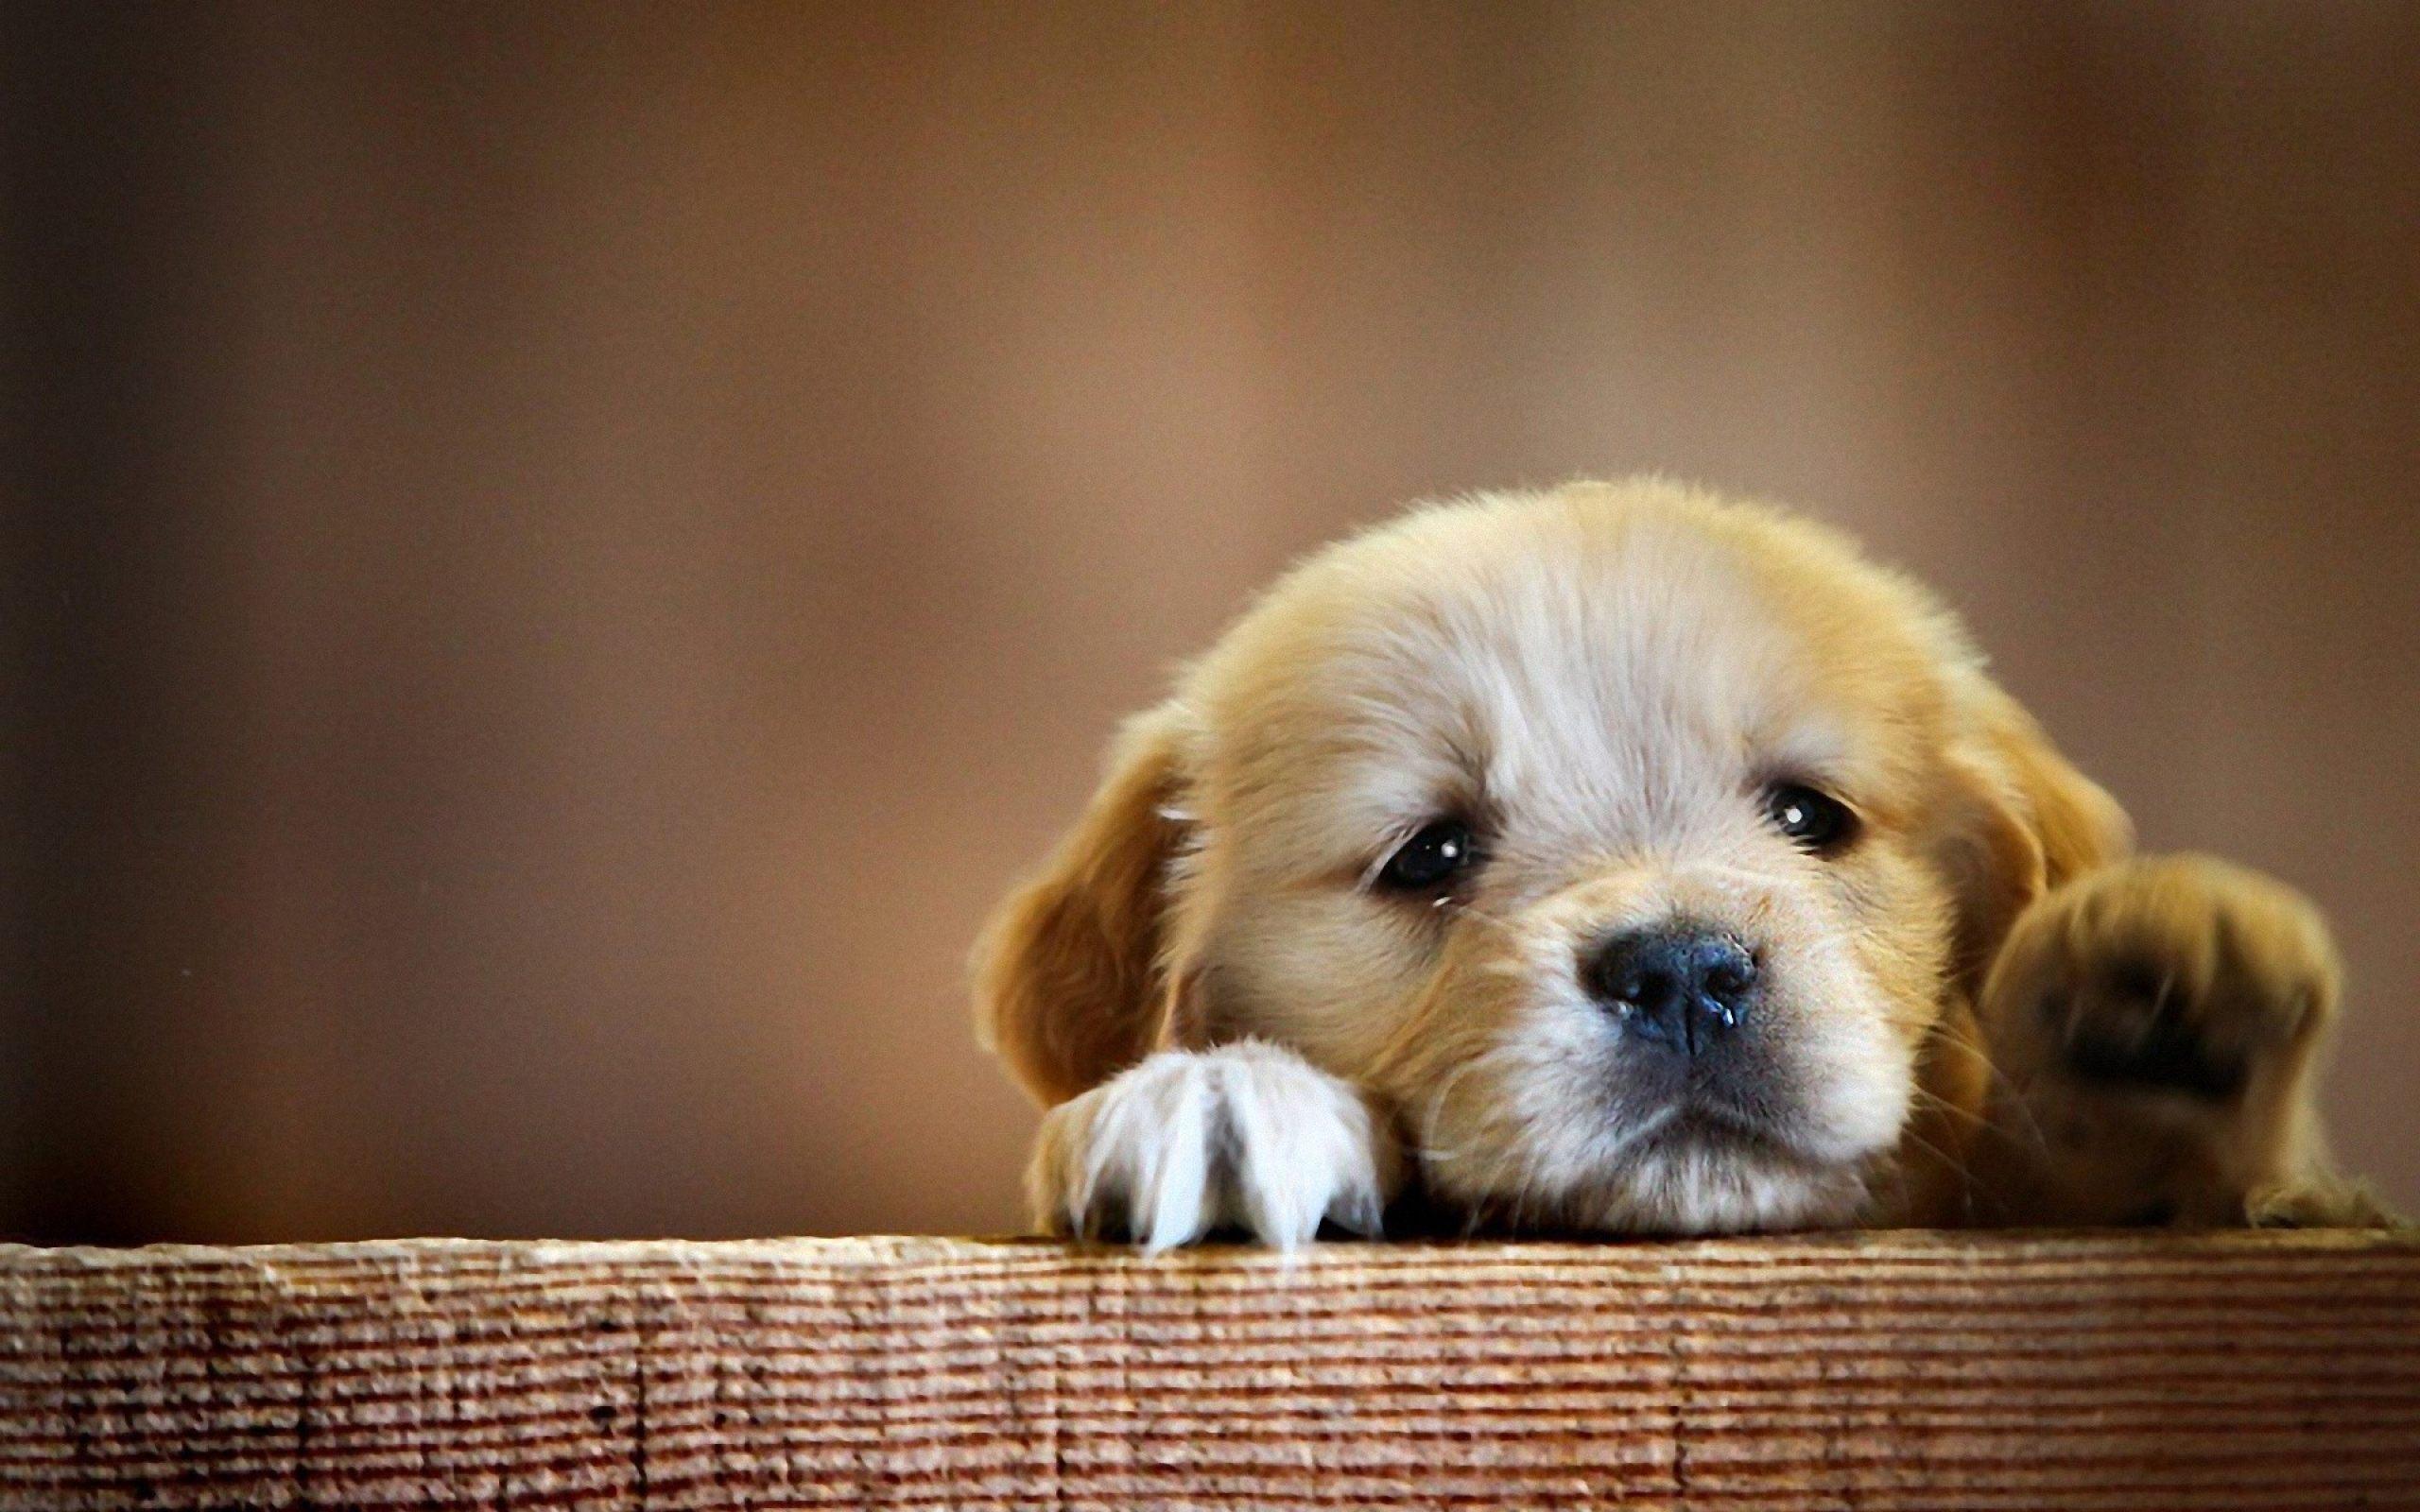 Dog Wallpaper   Golden Retriever puppy cute paws 2560x1600 2560x1600